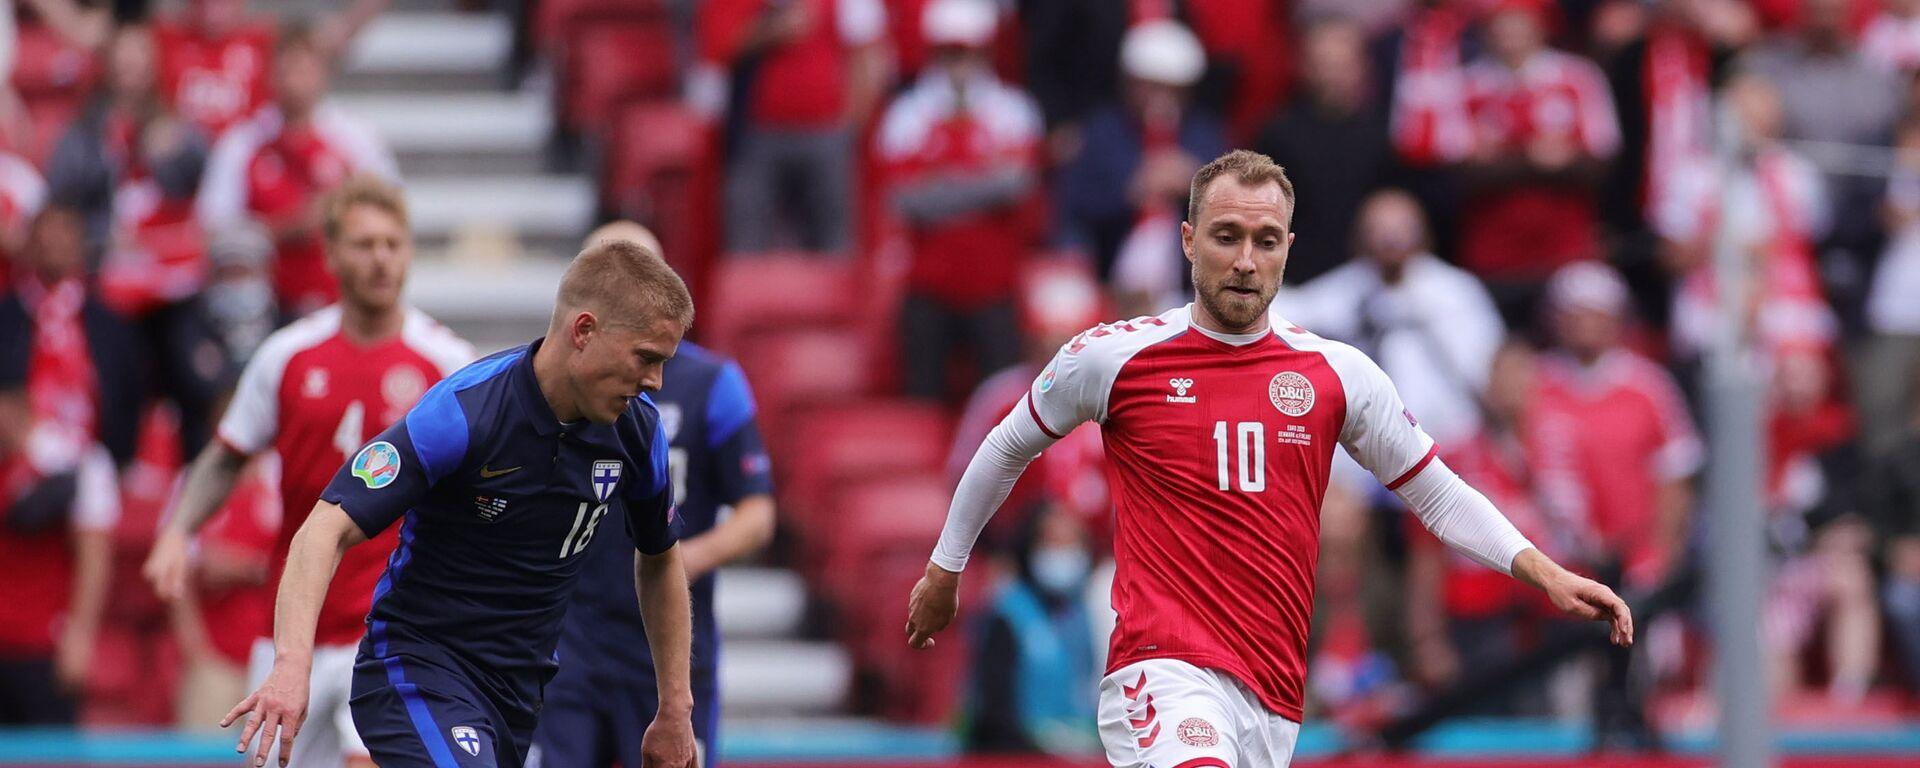 Christian Eriksen během fotbalového zápasu Dánska a Finska na EURO 2020 - Sputnik Česká republika, 1920, 13.06.2021